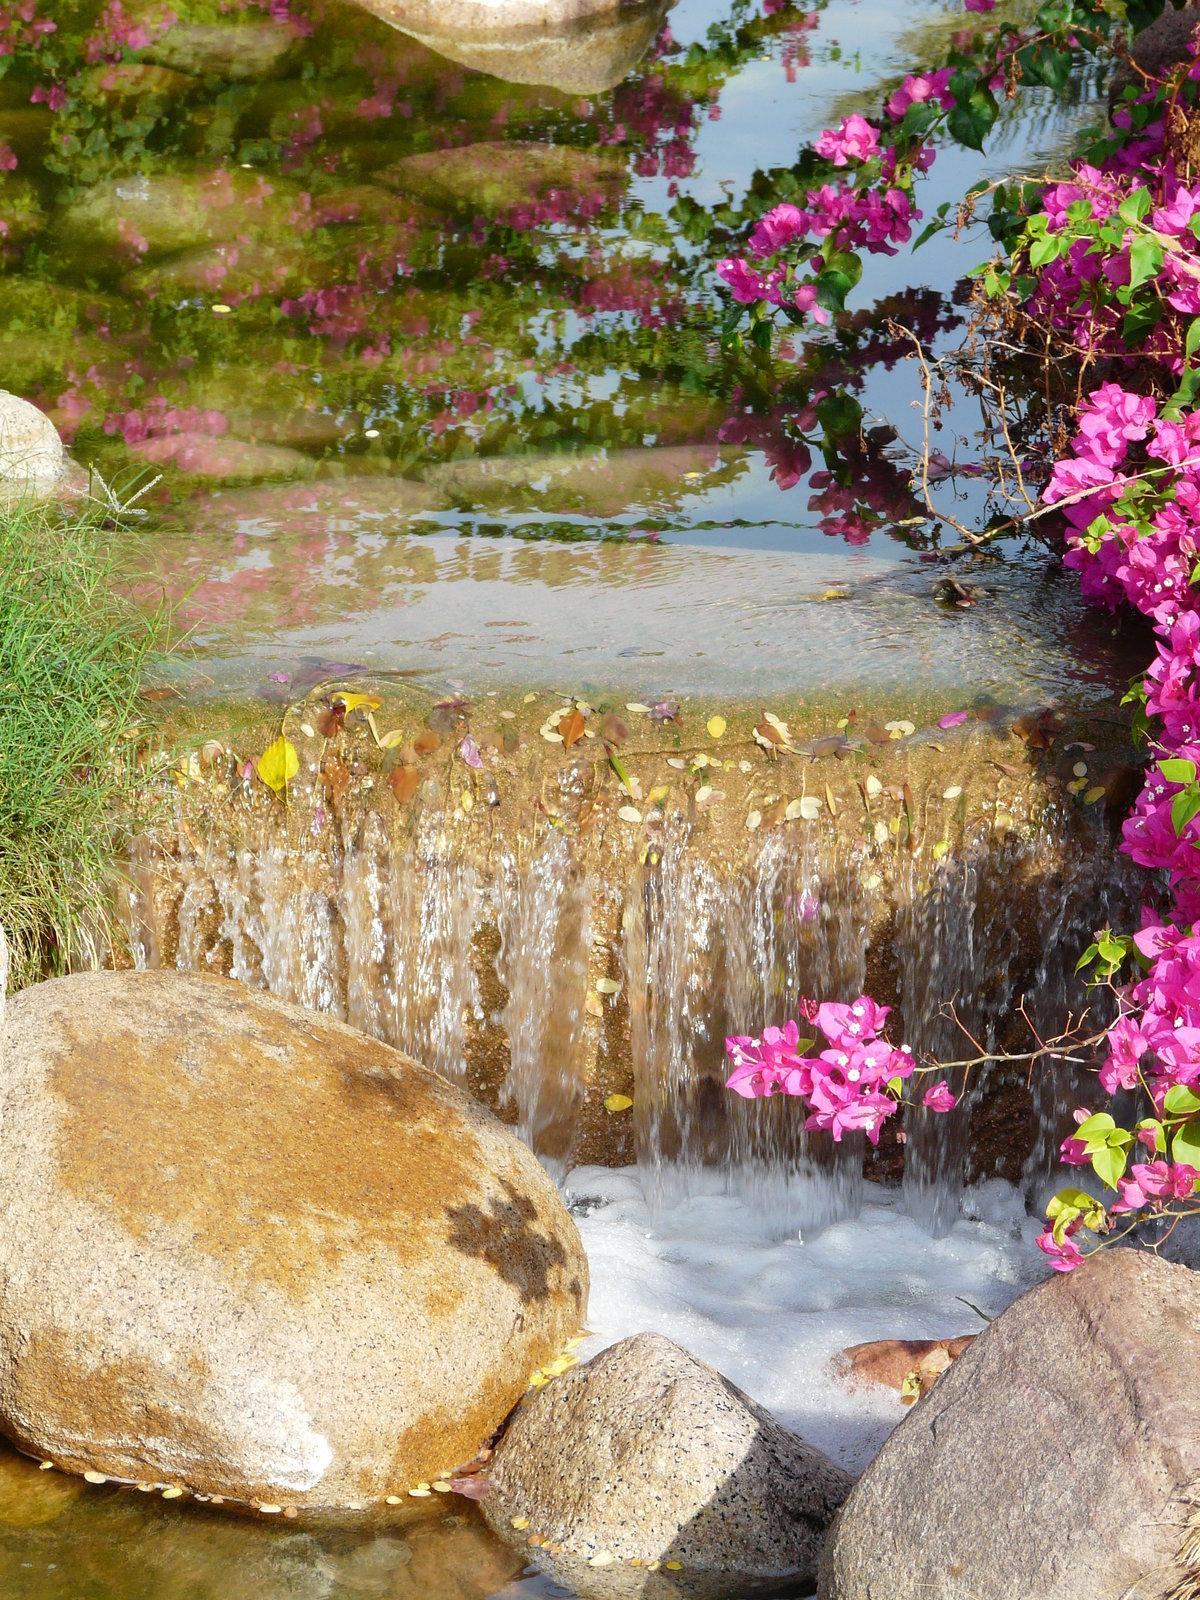 днём рождения букет водопад из цветов фото высокое разрешение отцу мужусамая настоящая